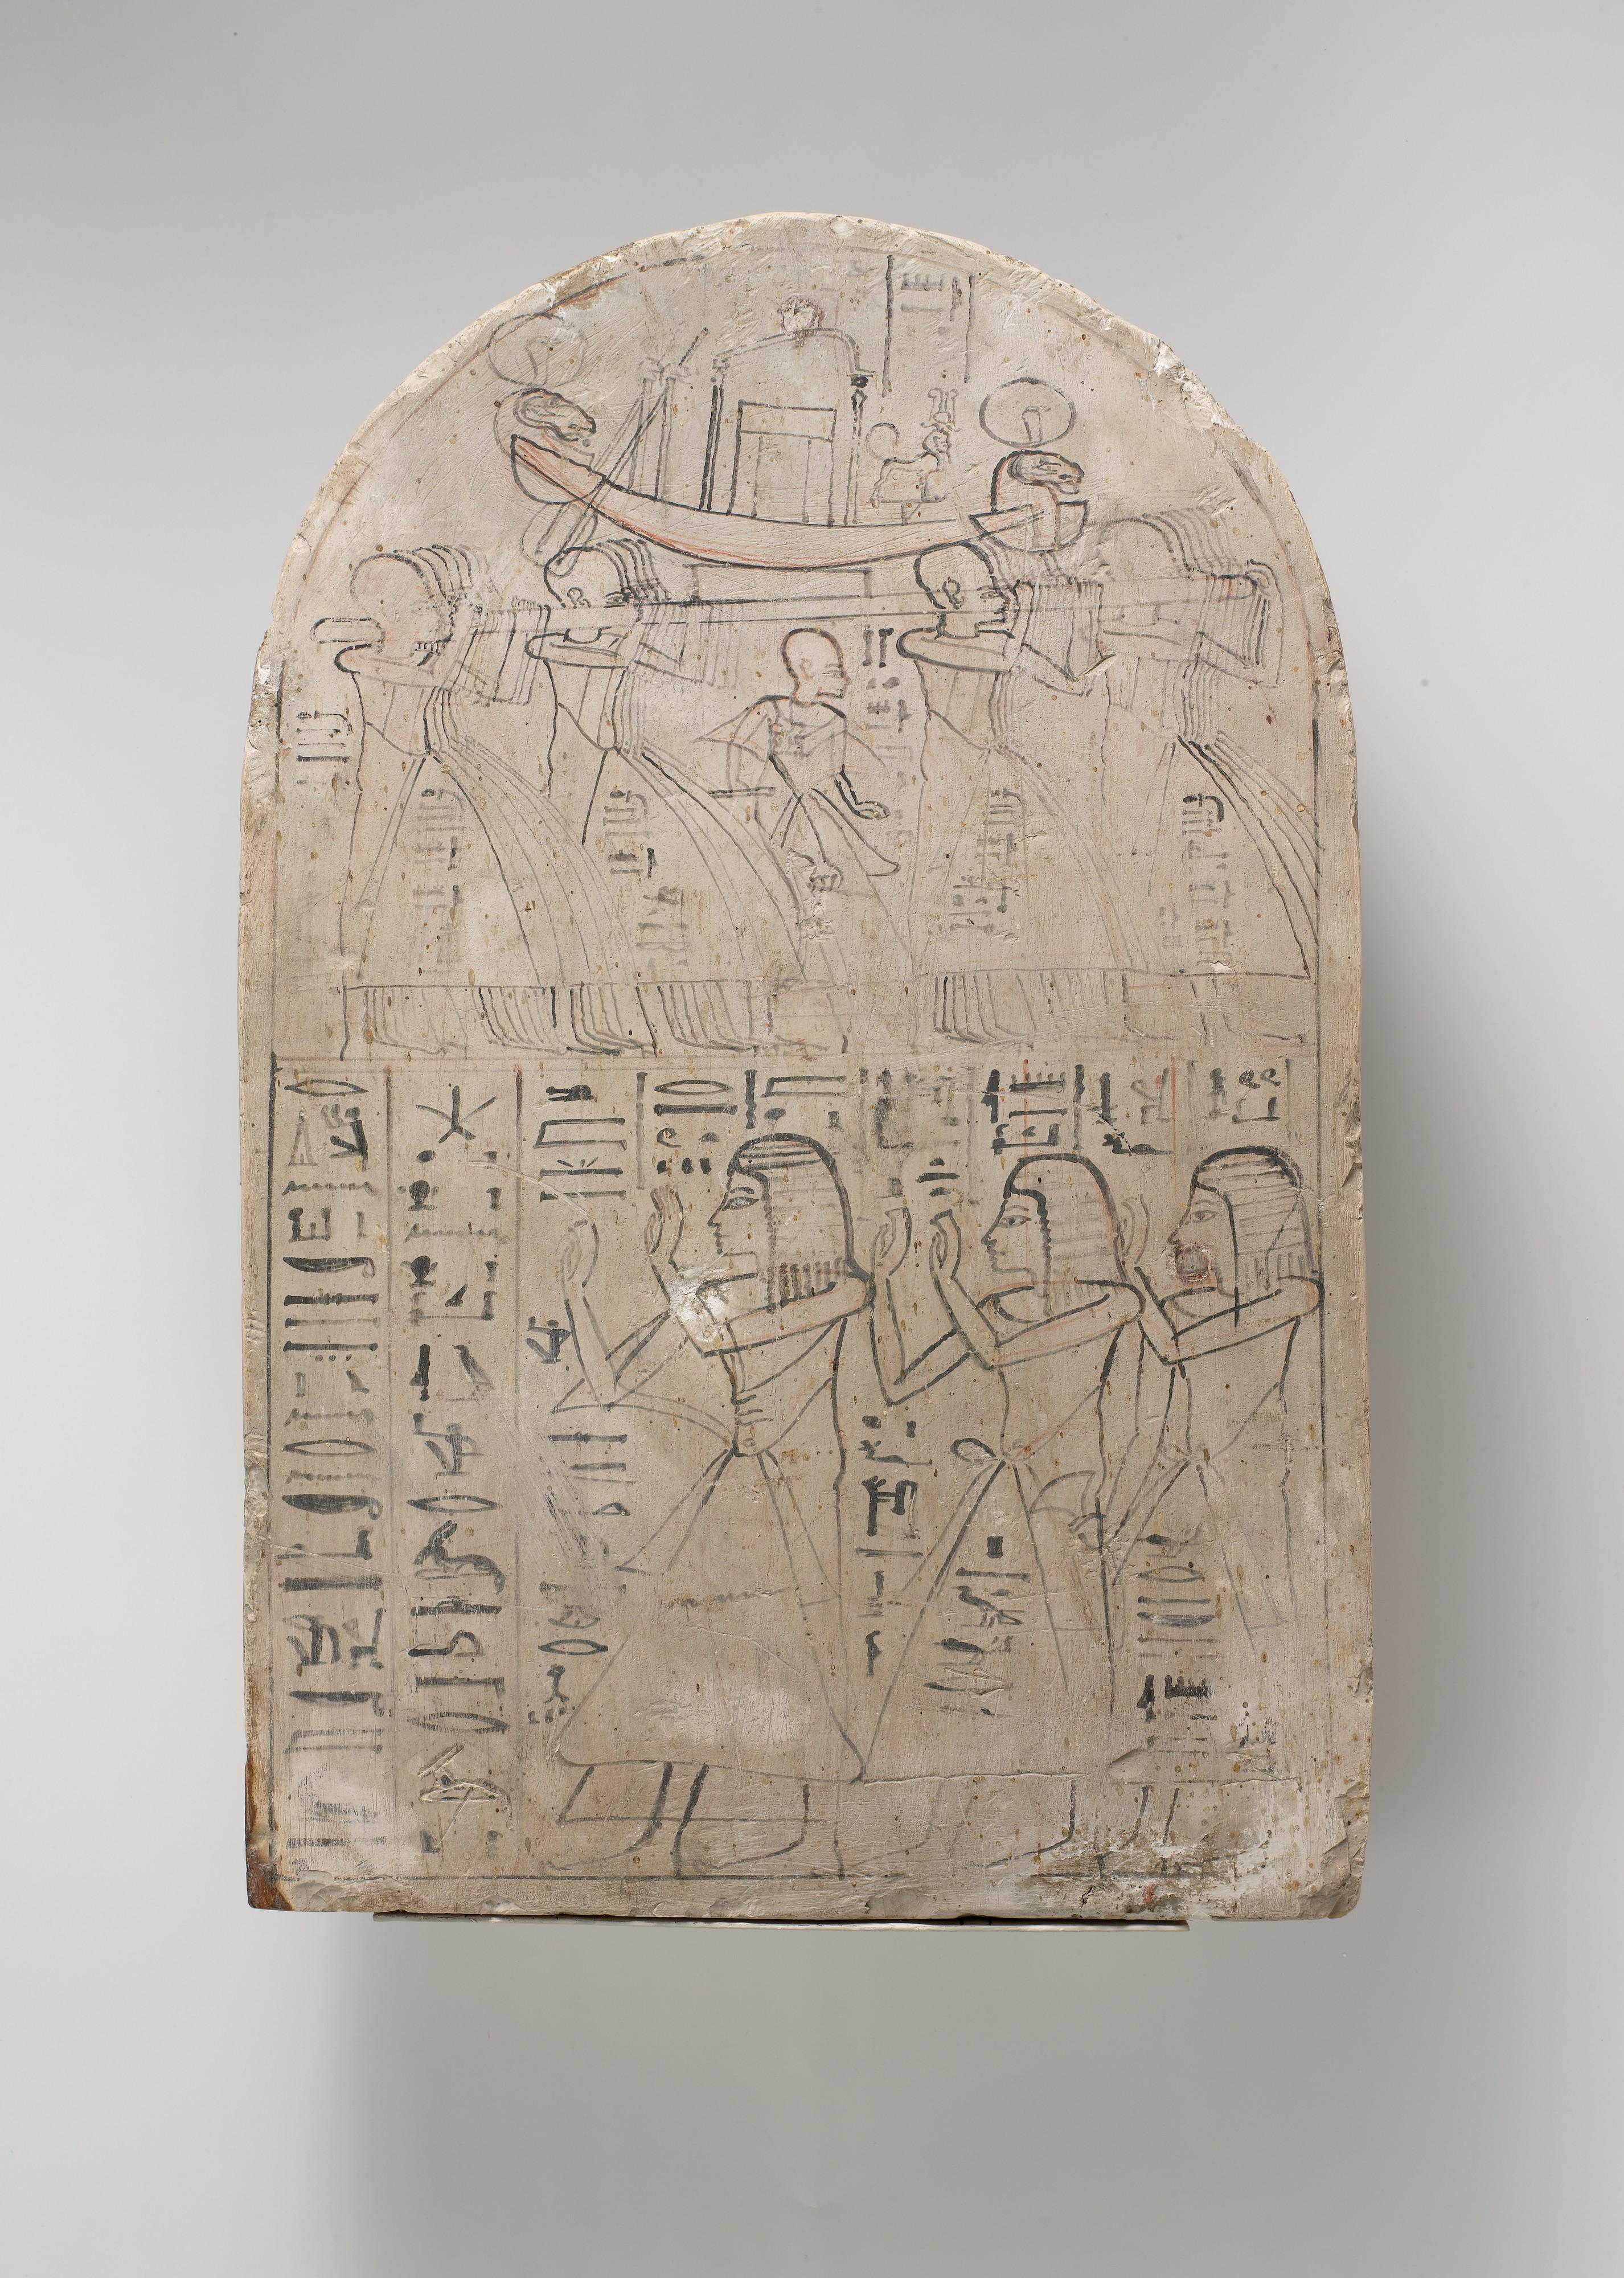 مصر القديمة قدمت للبشرية حضارة لم يكتشف جميع أسرارها